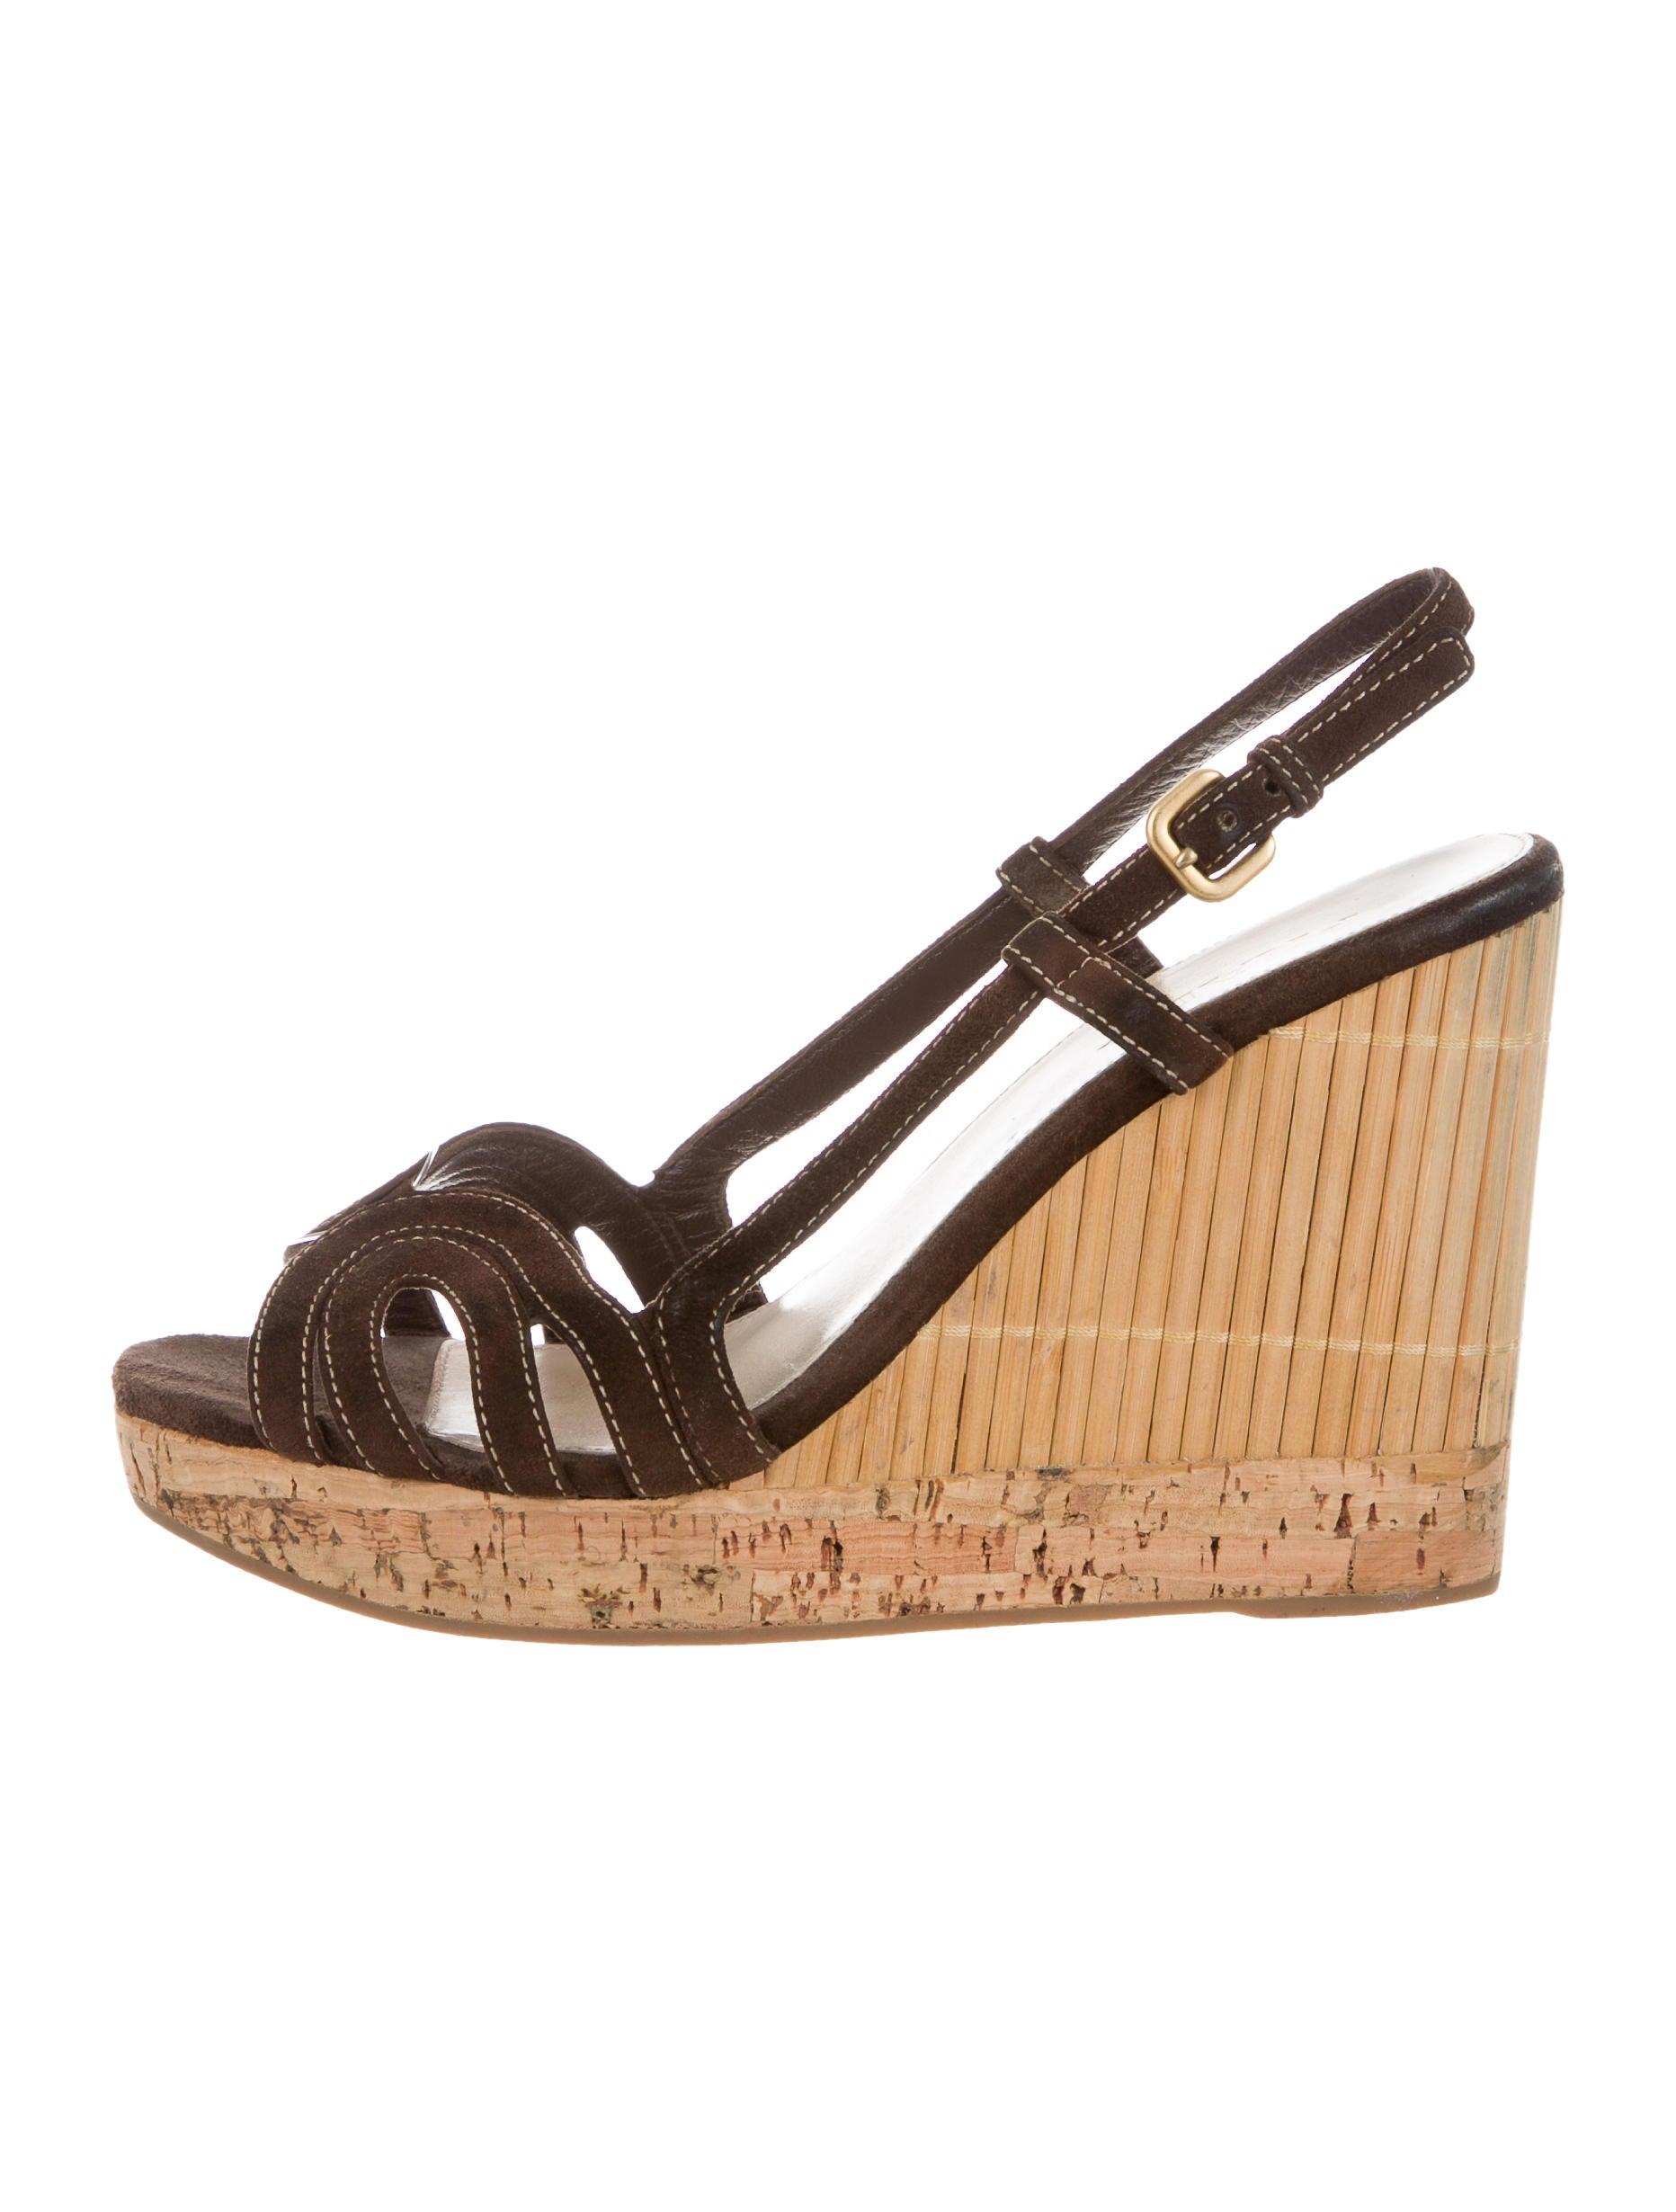 prada suede platform wedges shoes pra141045 the realreal